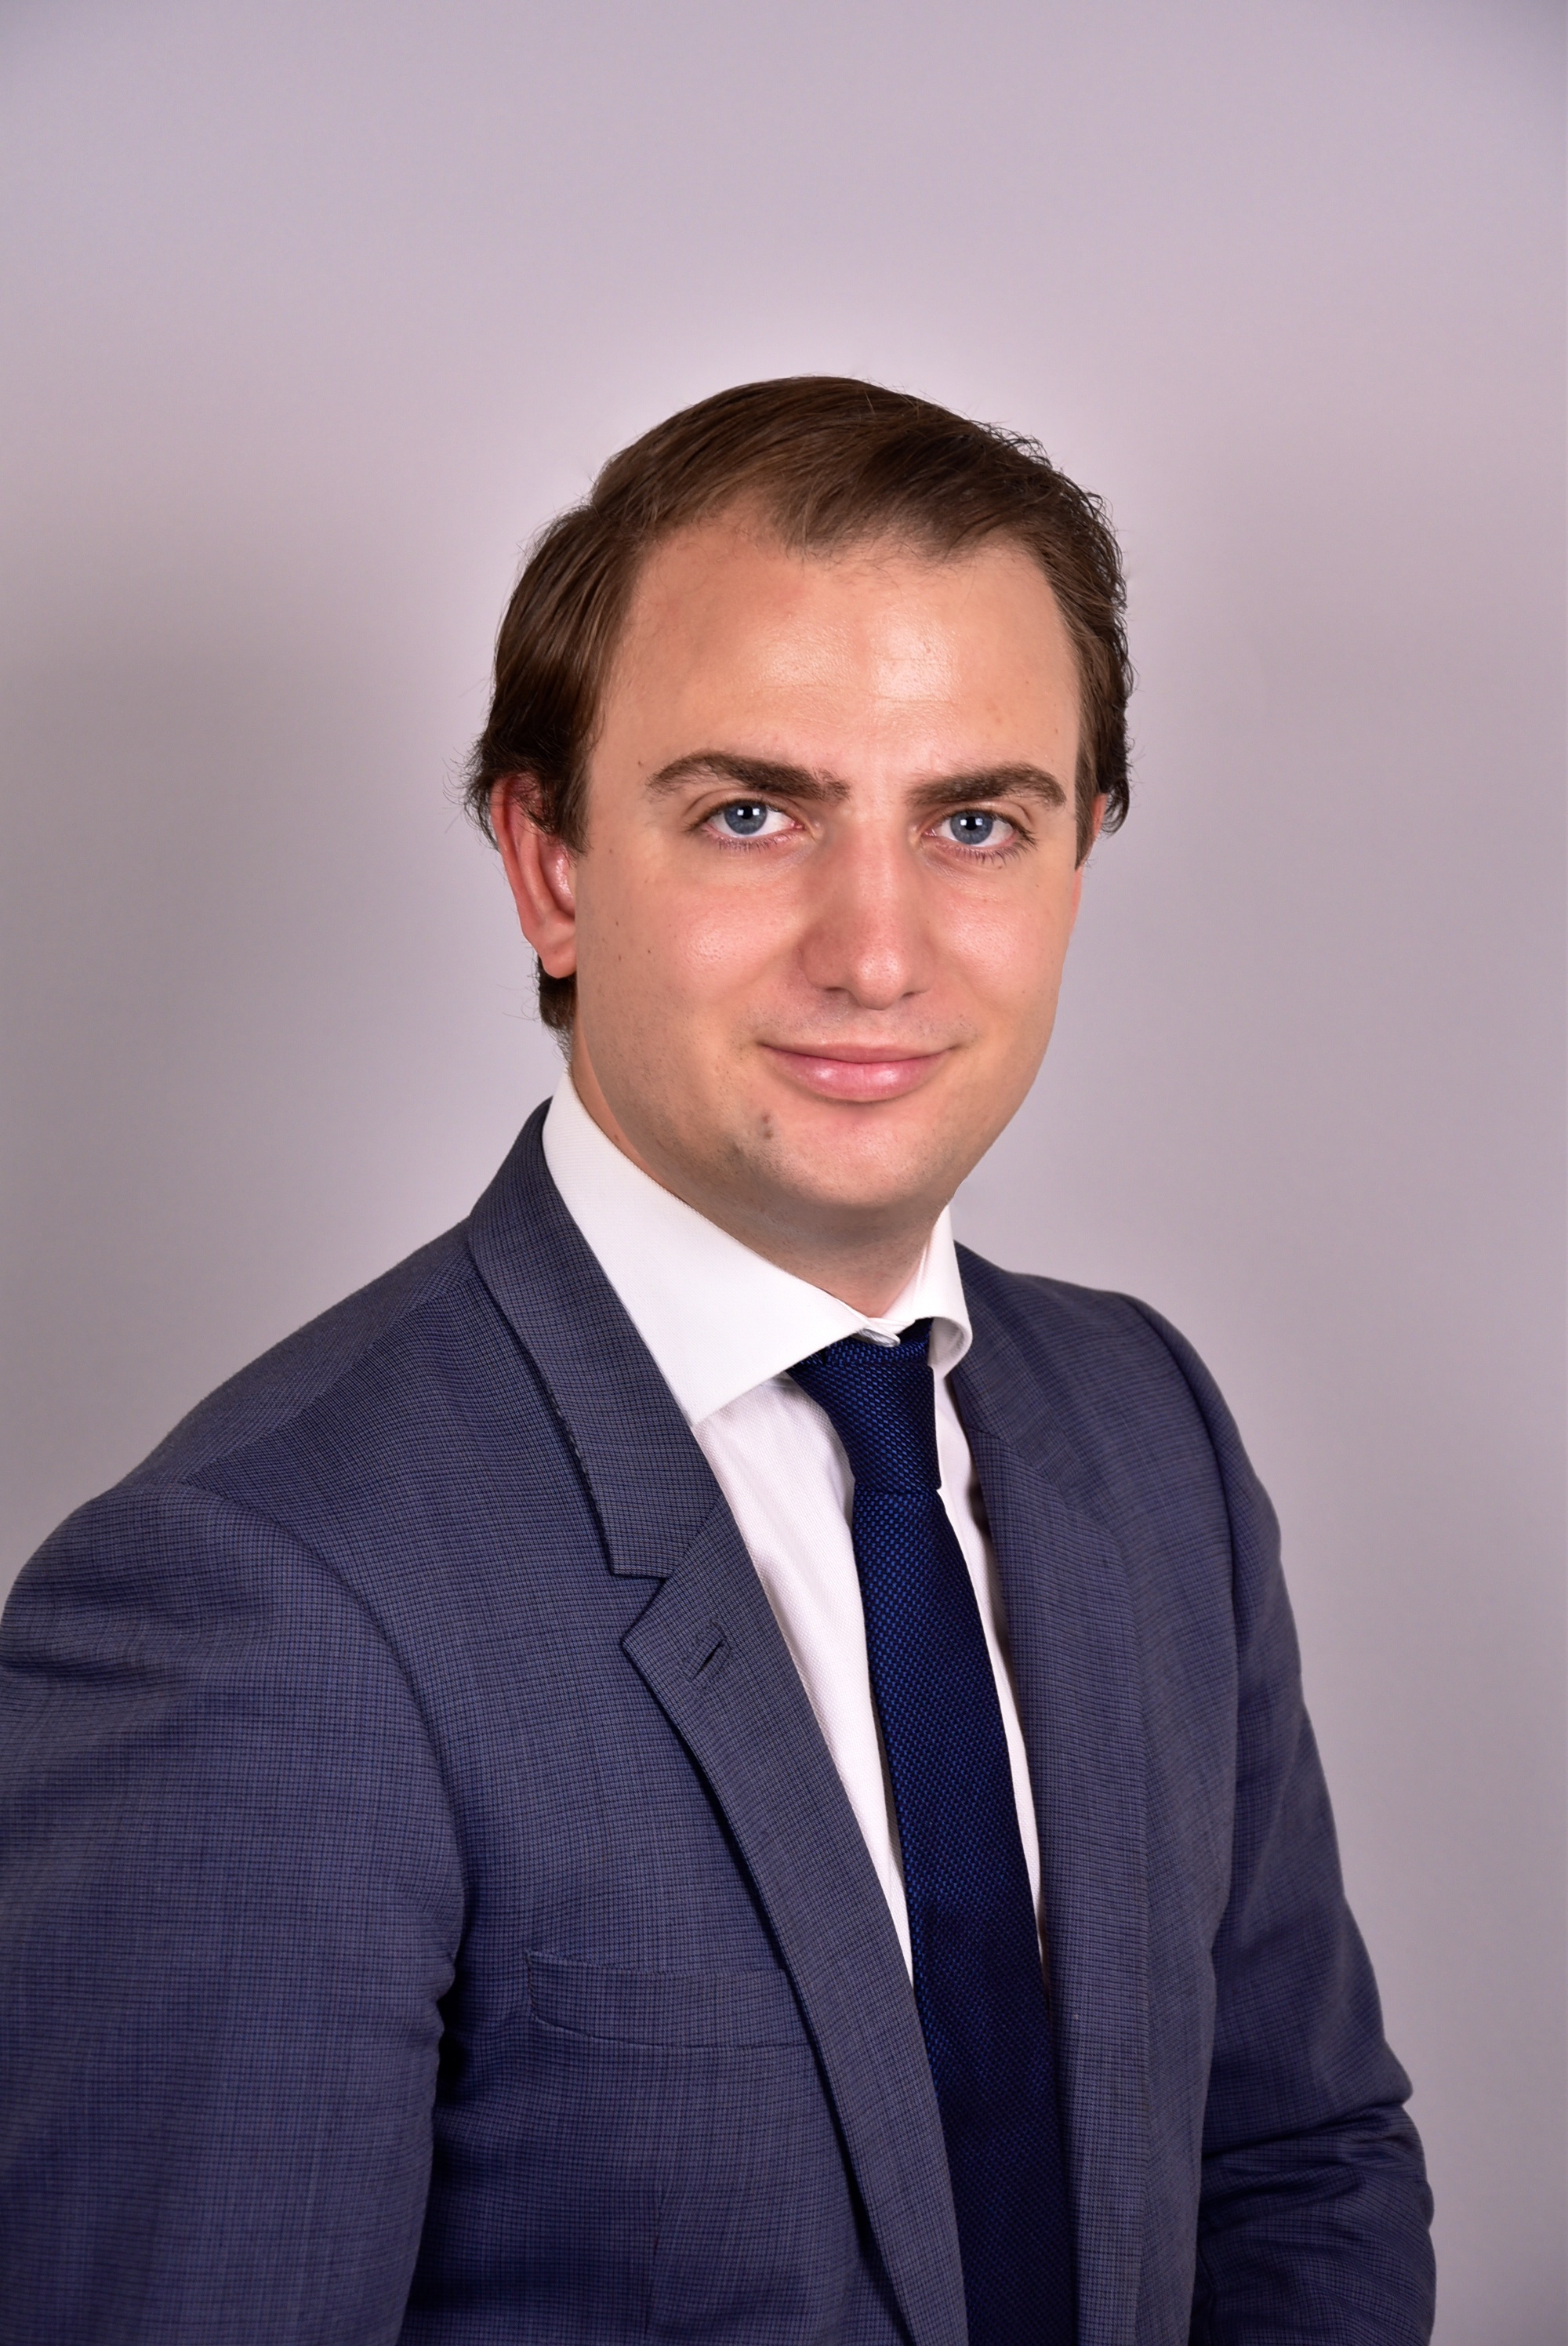 Alexandros Karakatsis, Autor des Artikels 7 Gründe Blockchain im Unternehmen.